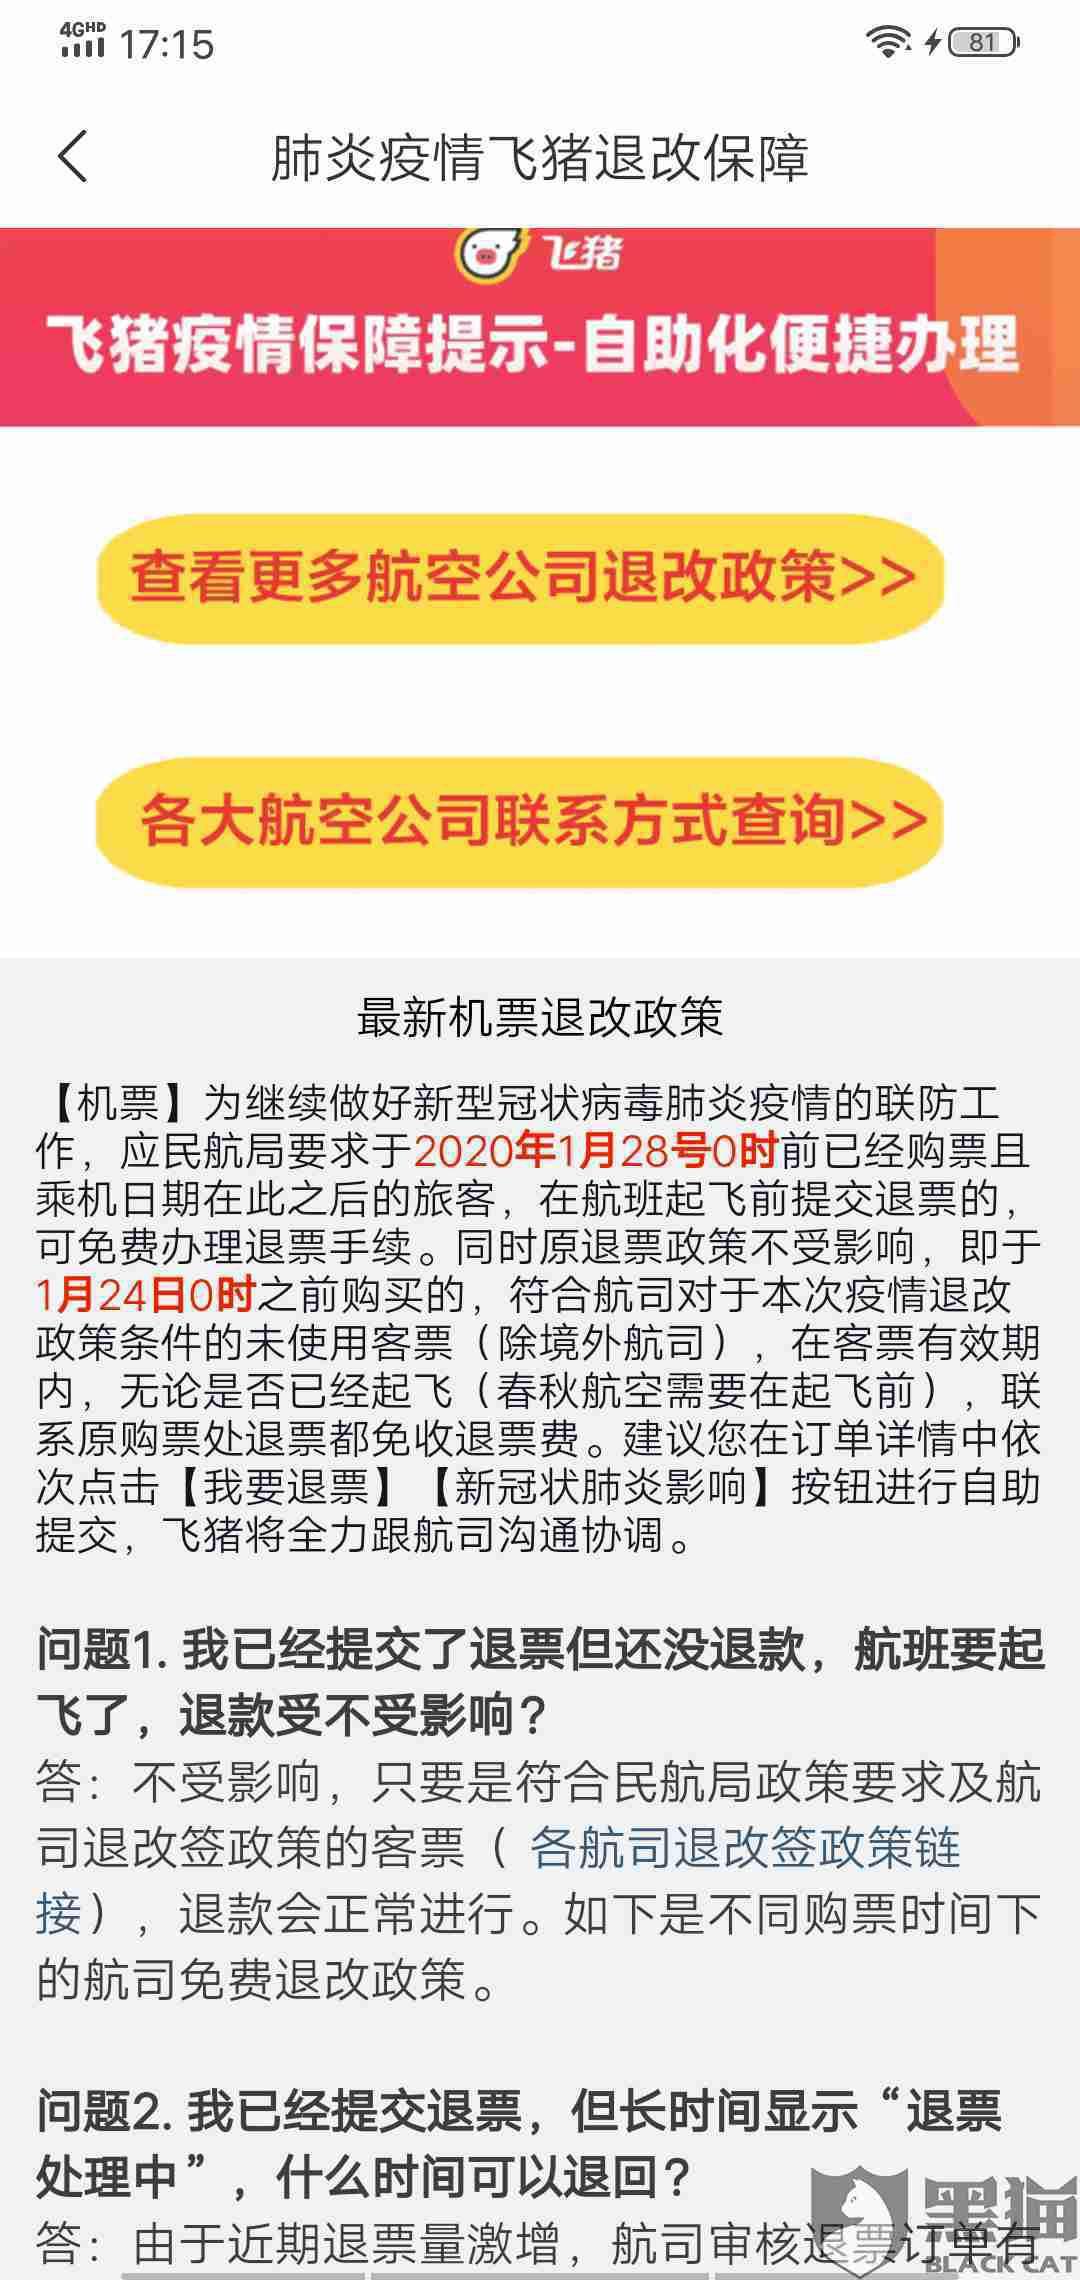 黑猫投诉:民行总局已经下发了,因为疫情影响,在2020年1月28日之前订购的机票,可以免费